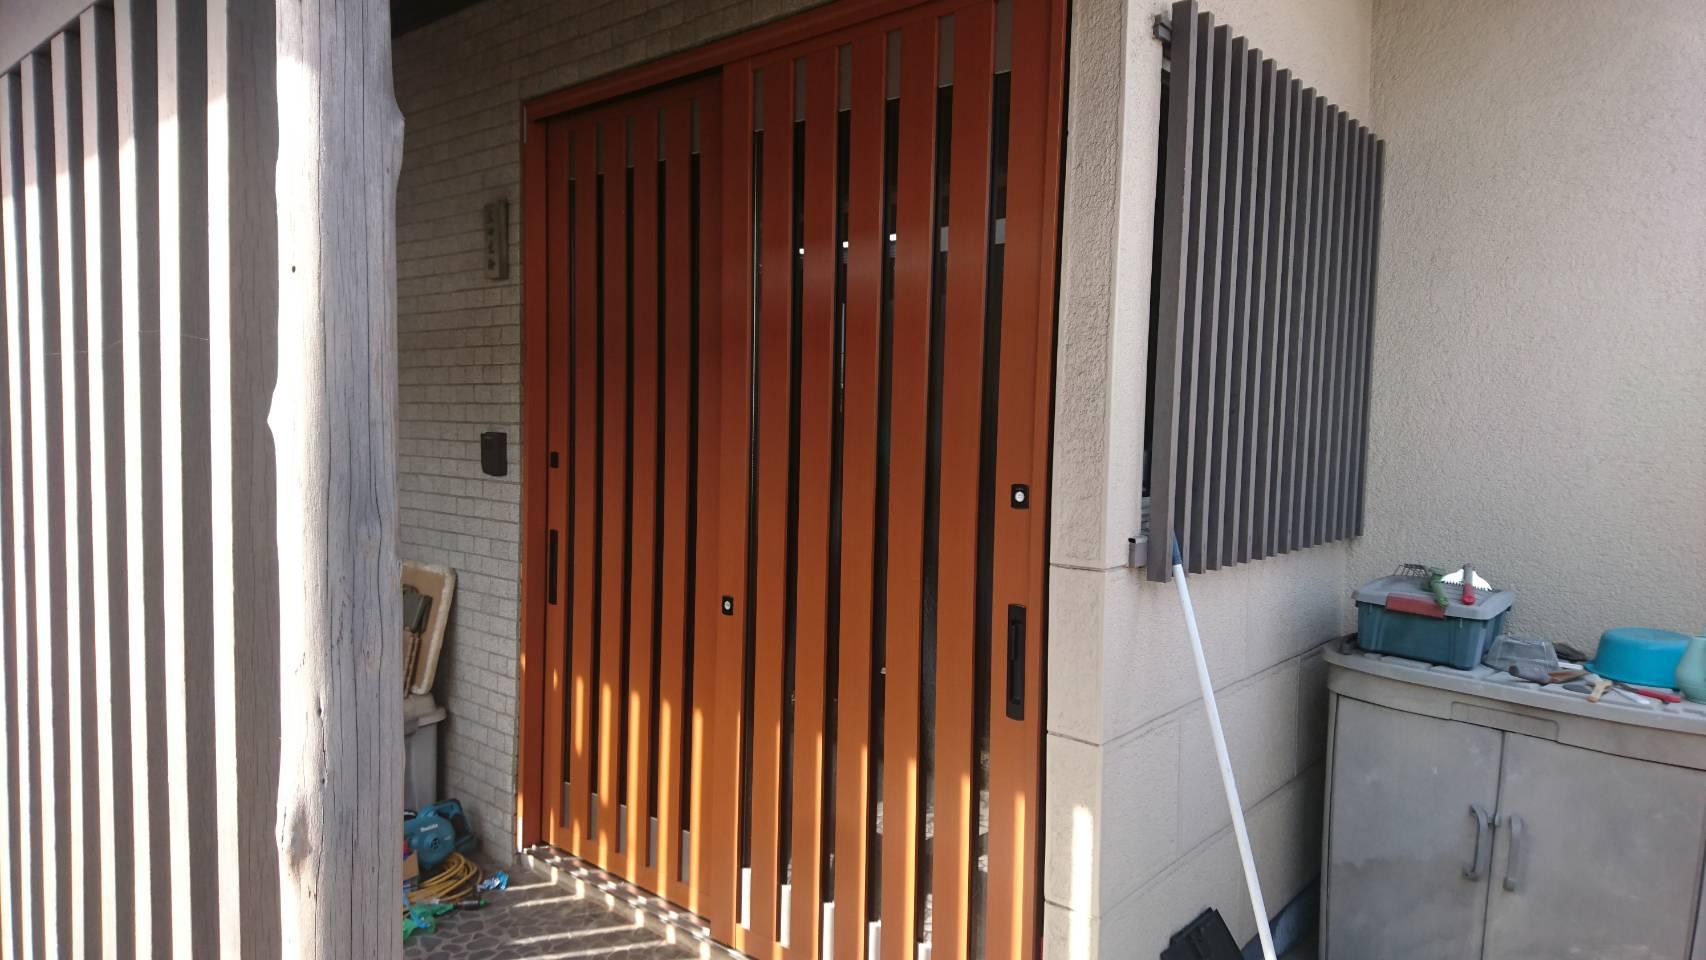 シーエス建材トーヨー住器の引戸交換工事 LIXIL リシェントの施工事例写真